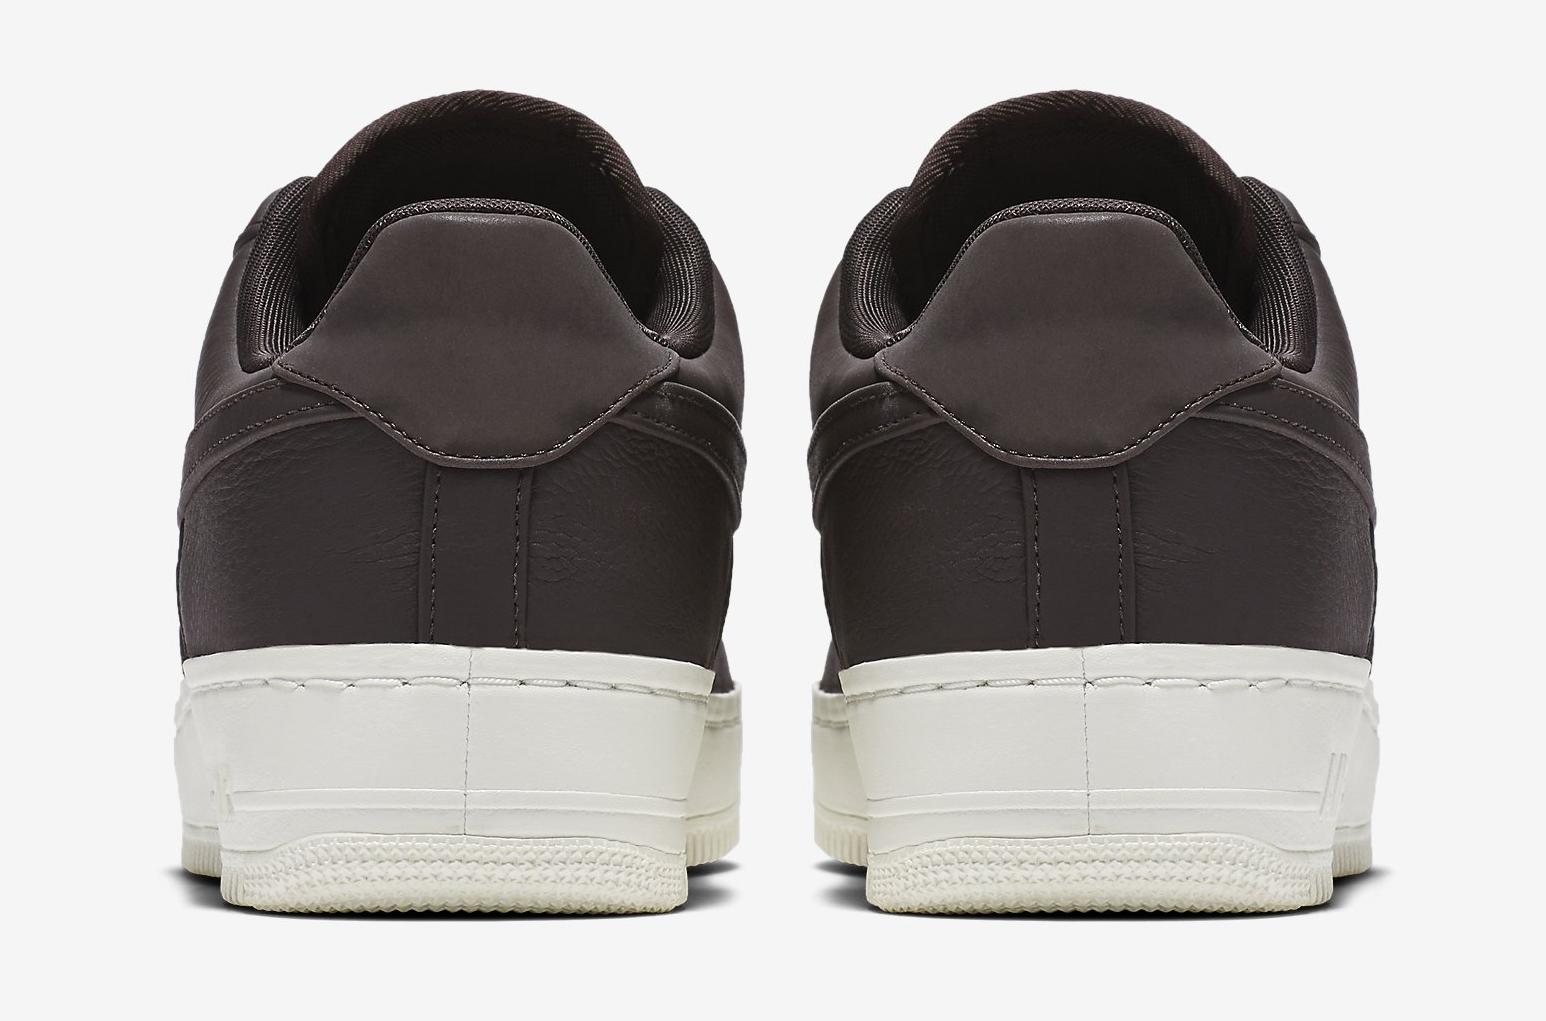 reputable site 58b21 84883 Image via Nike nike-air-force-1-mid-velvet-brown-905618-